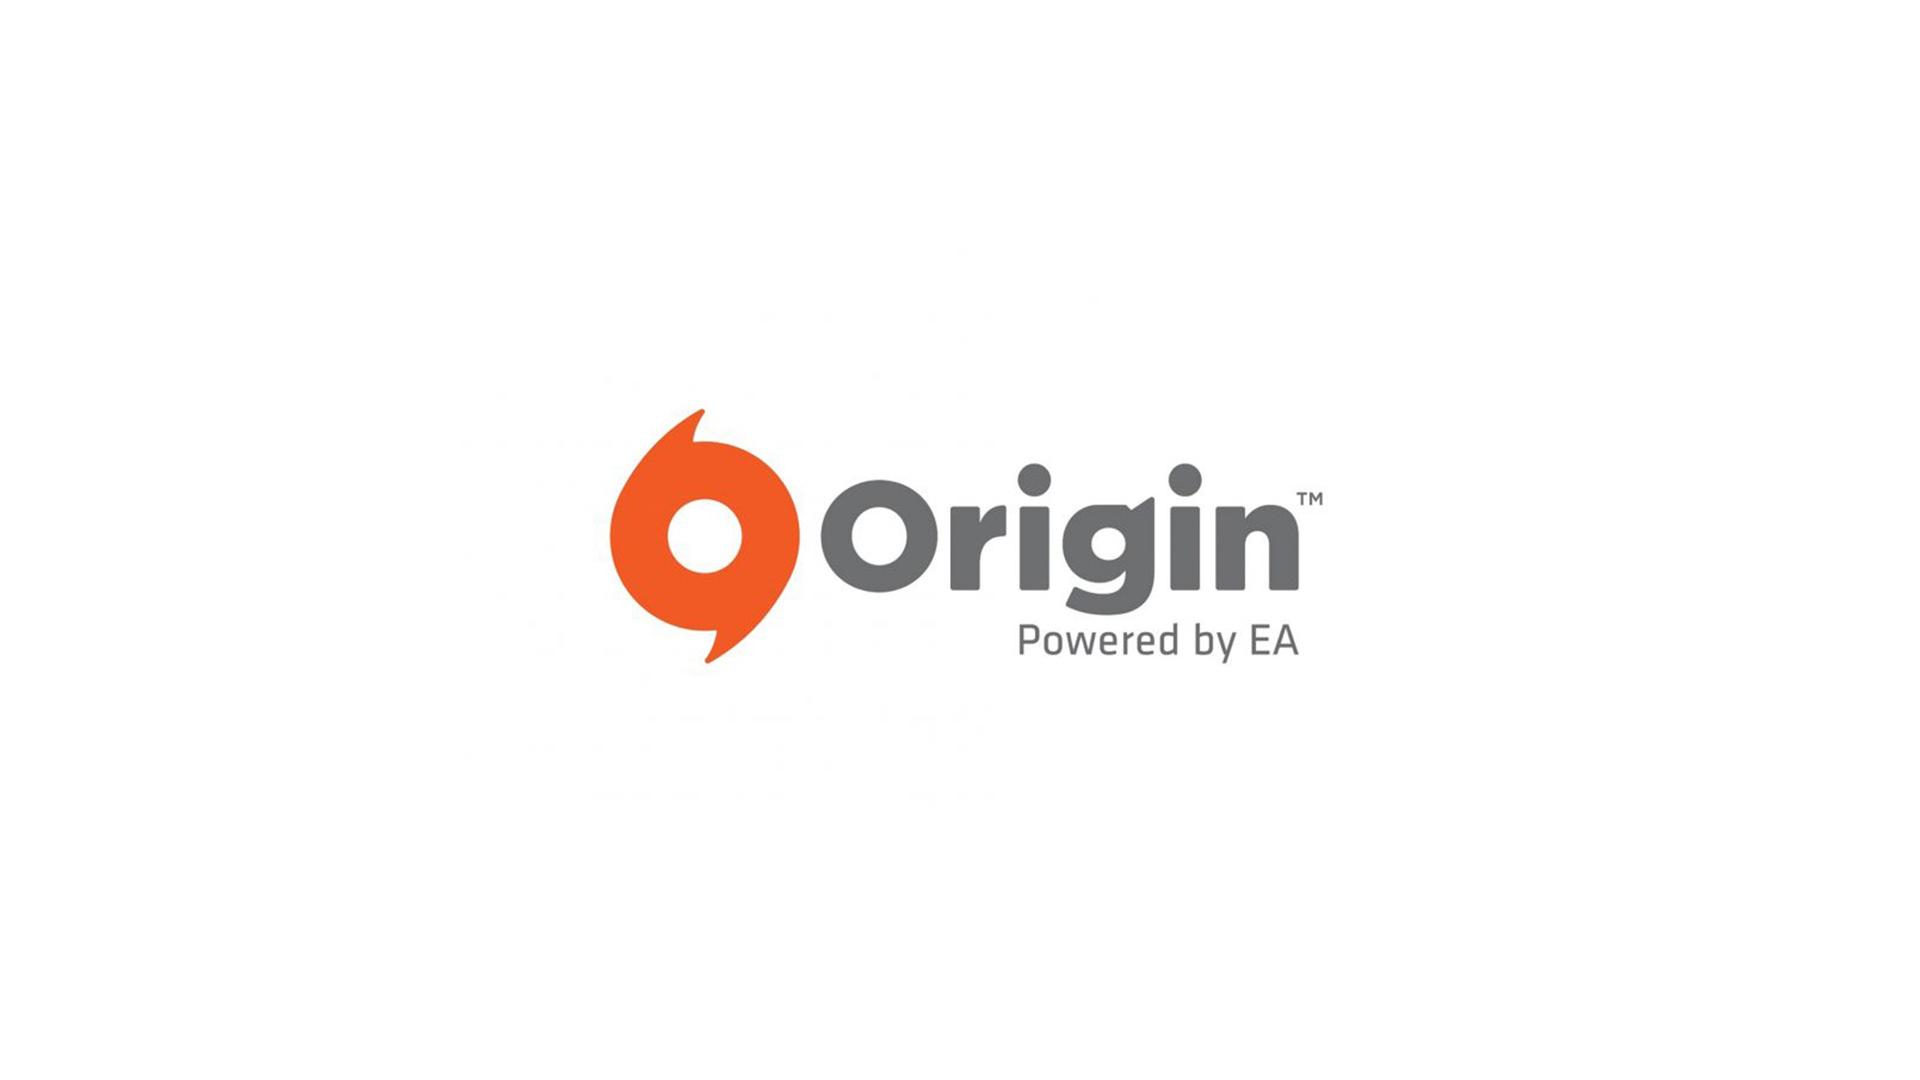 Electronic Arts назовёт Origin новым именем — EA Desktop